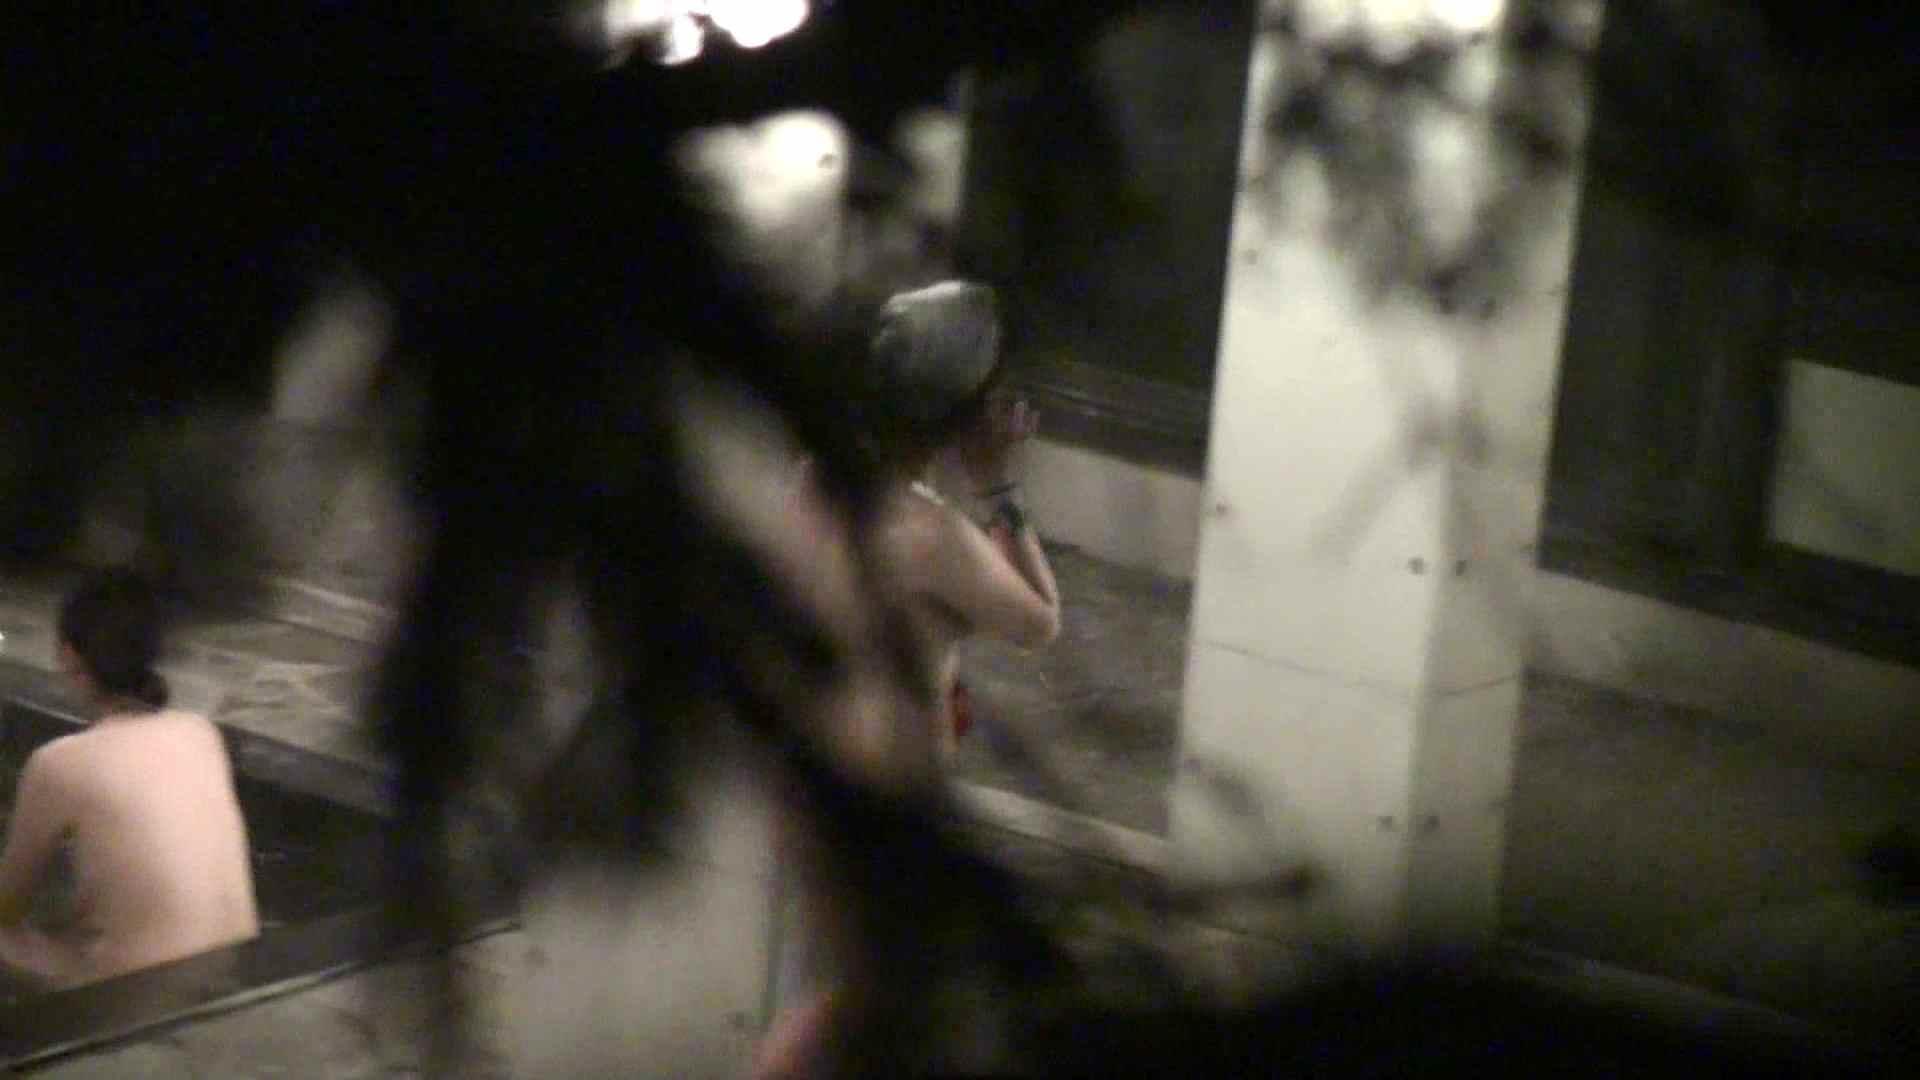 Aquaな露天風呂Vol.408 盗撮師作品 | 美しいOLの裸体  79pic 16